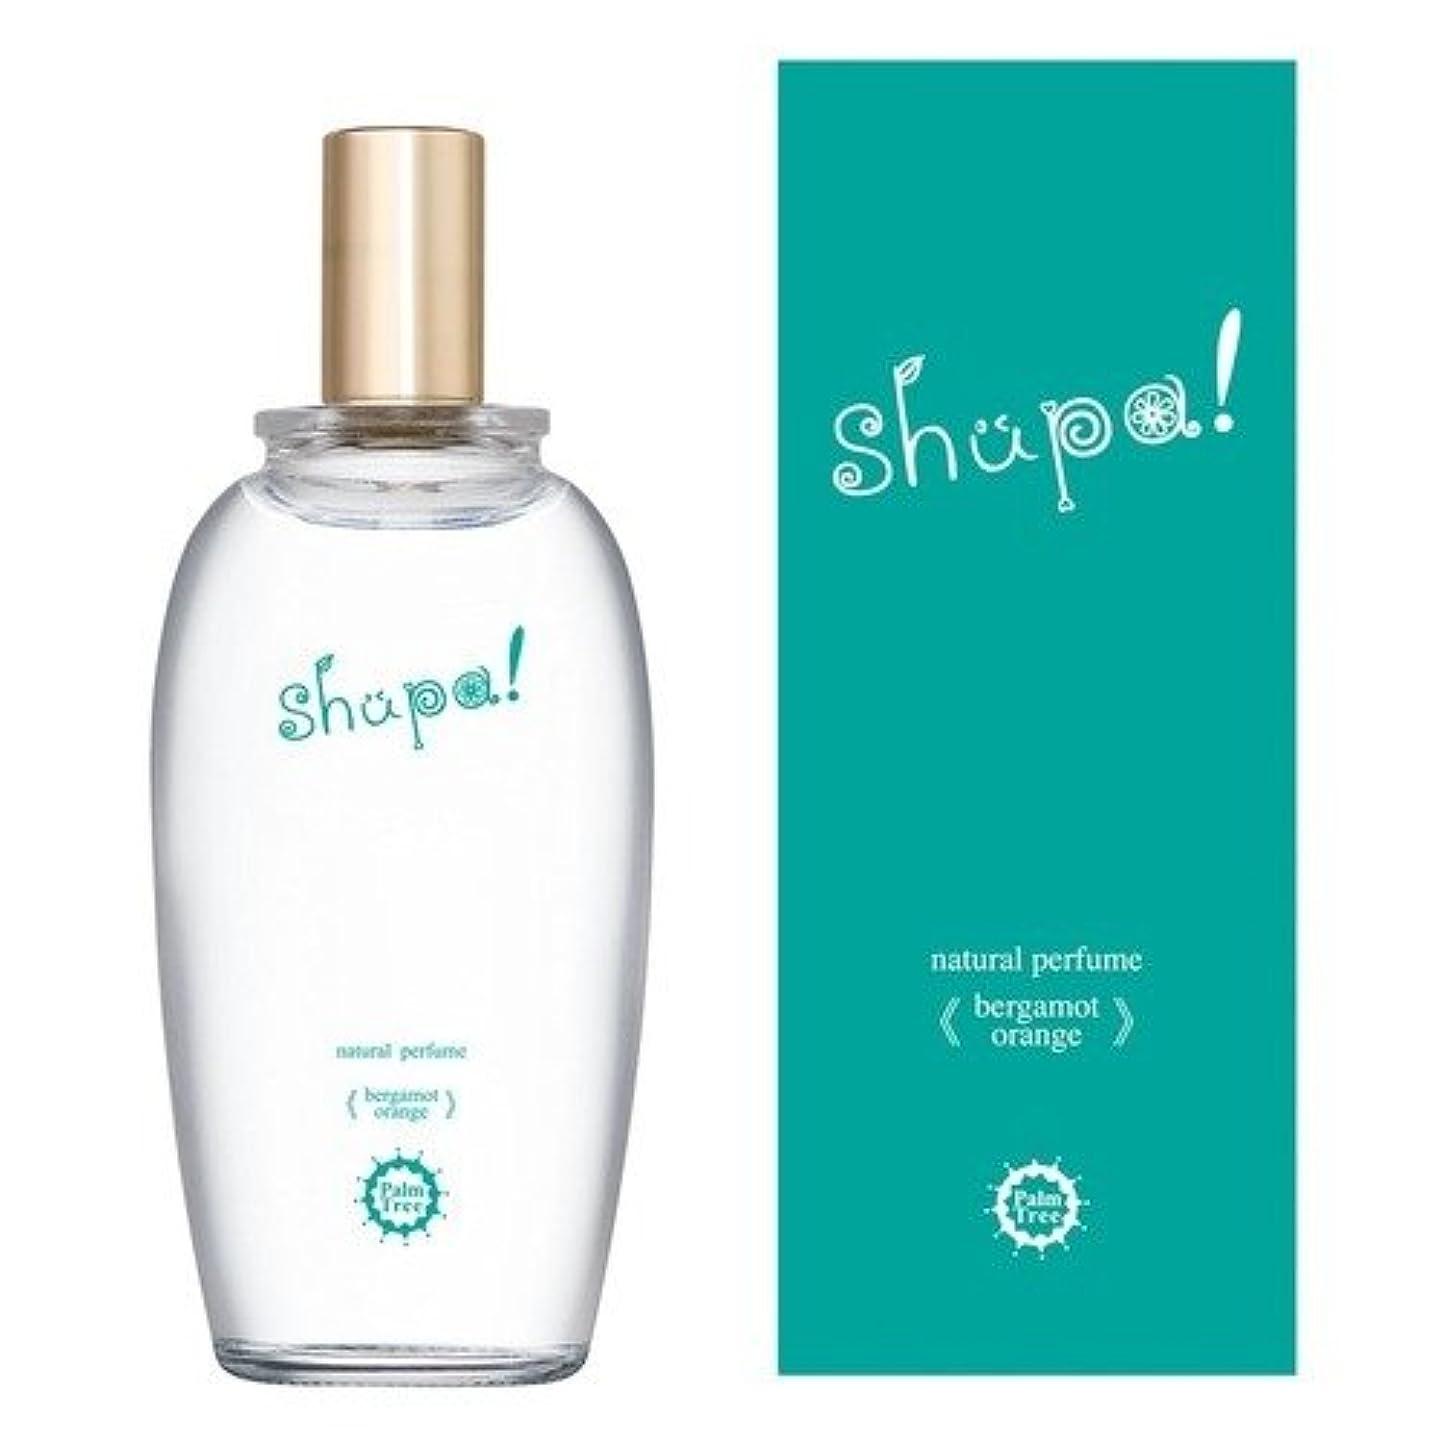 シャワー同封する引き出しPalm Tree 香水 shupa! 80ml